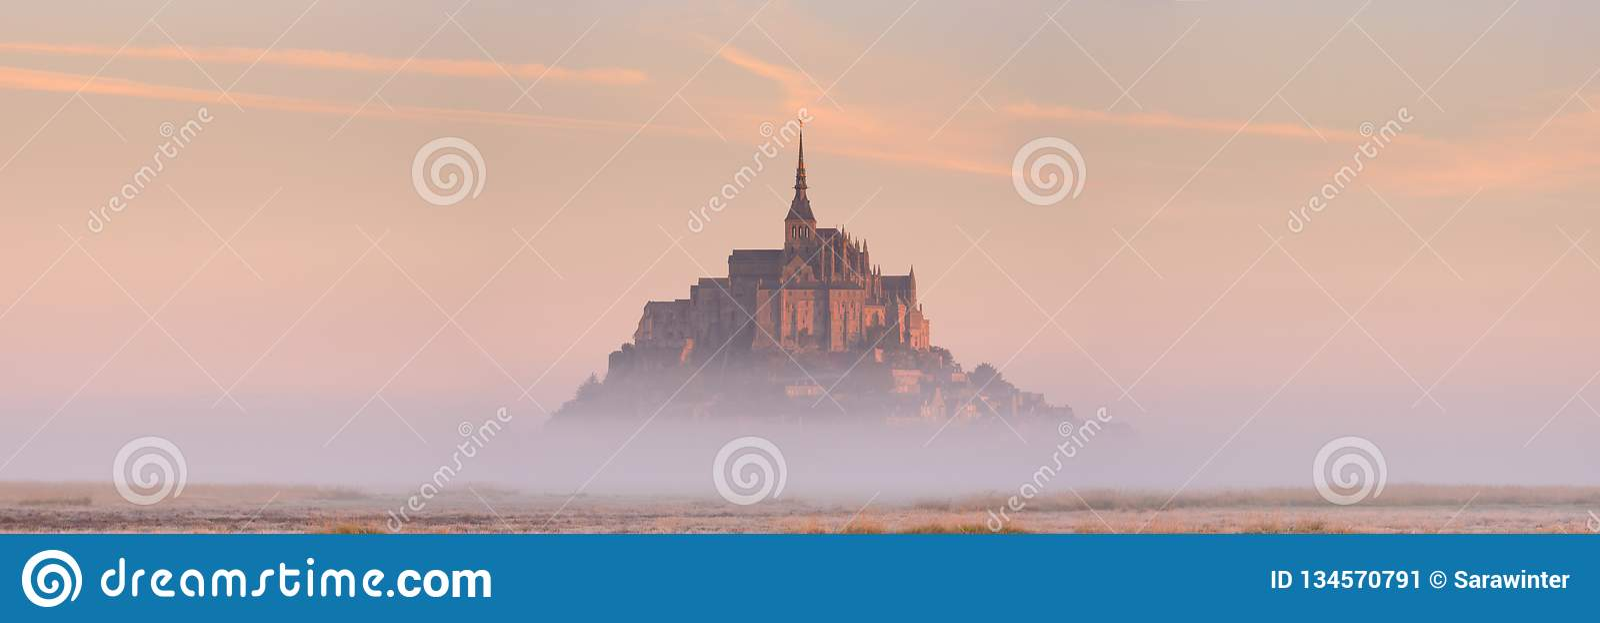 LE Mont Saint-Michel στη Νορμανδία, Γαλλία στην ανατολή